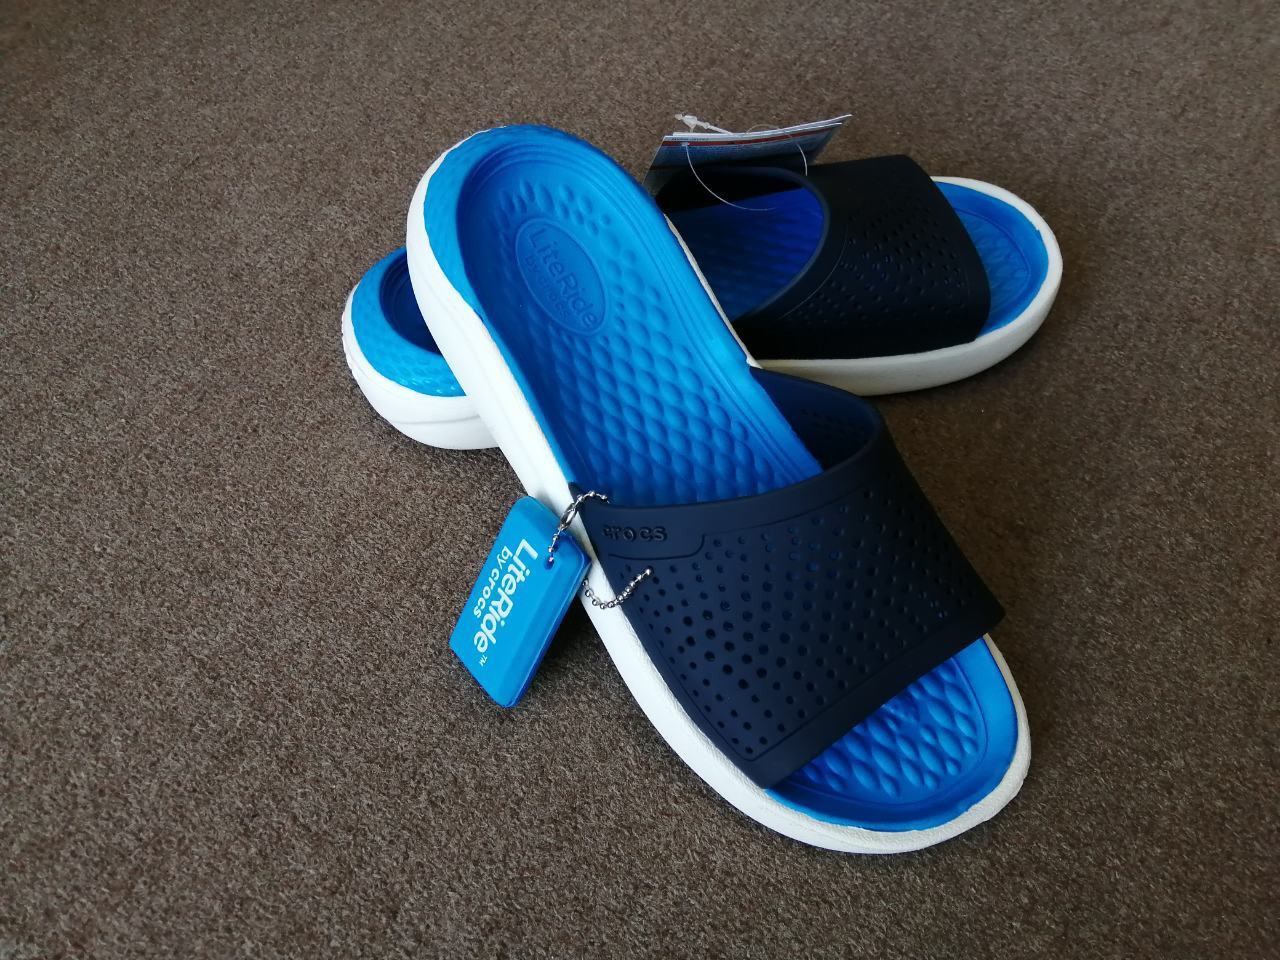 Шлёпанцы Crocs LiteRide Slide синие 44 разм.